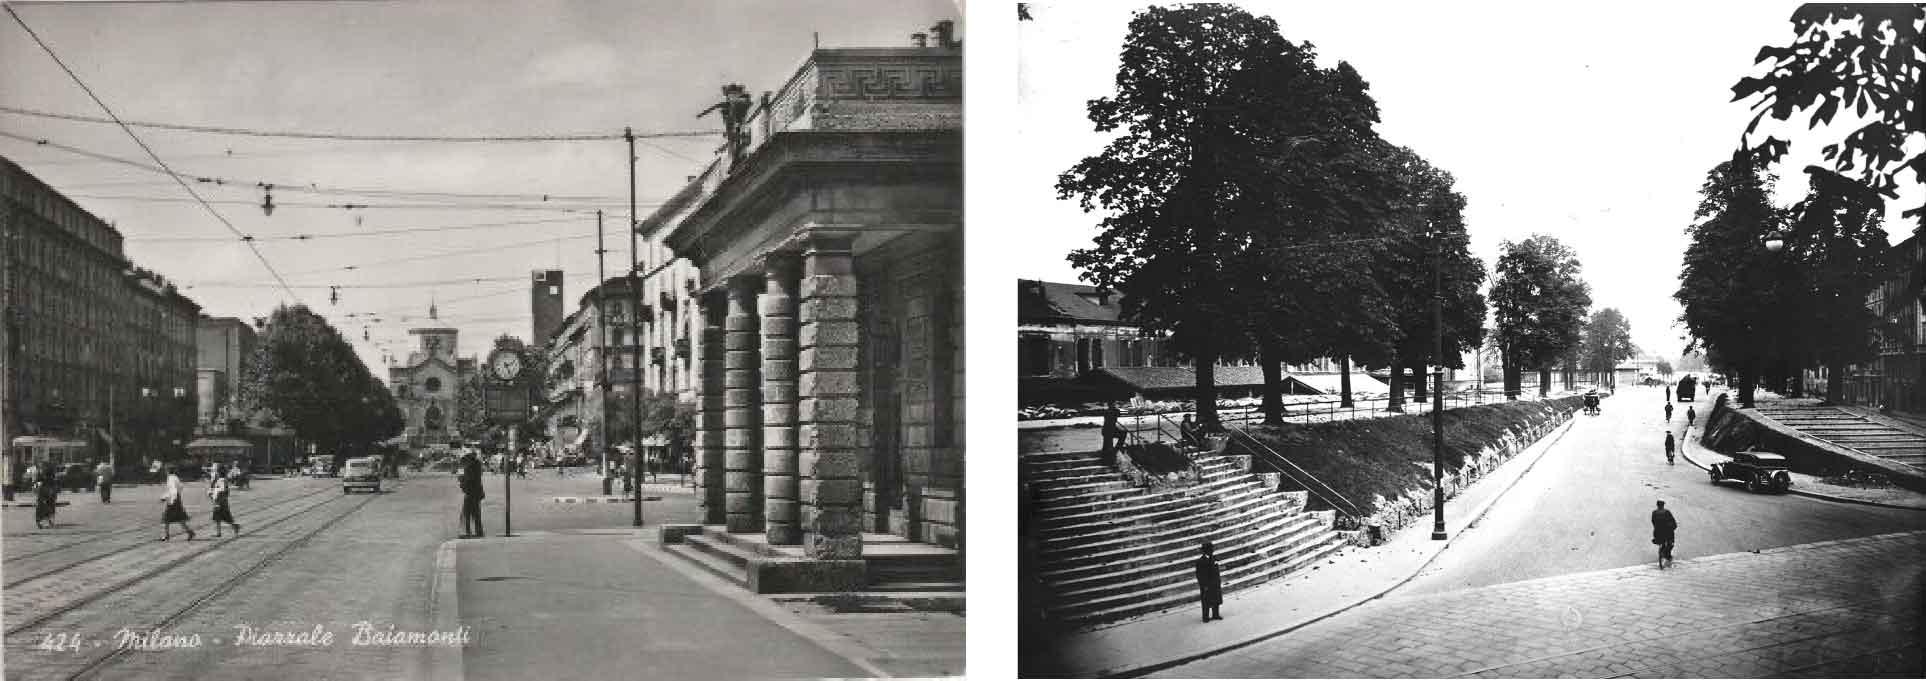 Da sinistra, una cartolina storica di piazzale Baiamonti e le mura spagnole di Milano verso Porta Volta all'inizio del XX secolo